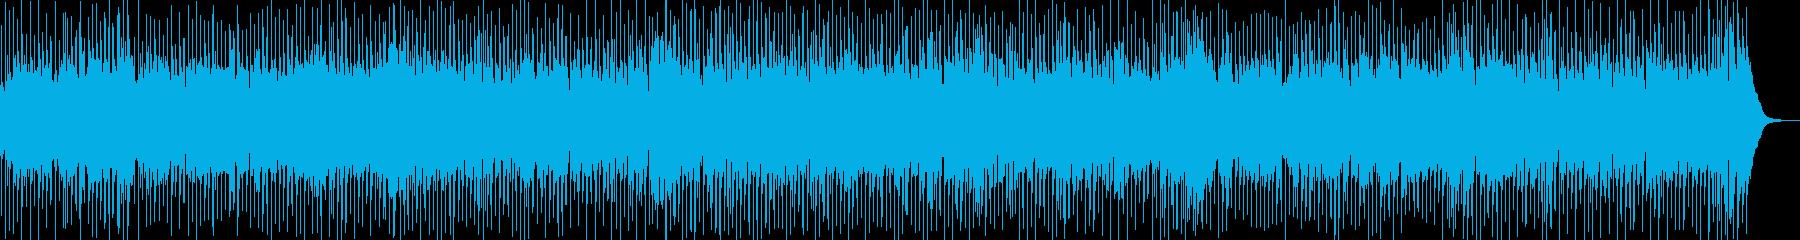 爽やかな夏のフュージョンサウンドの再生済みの波形